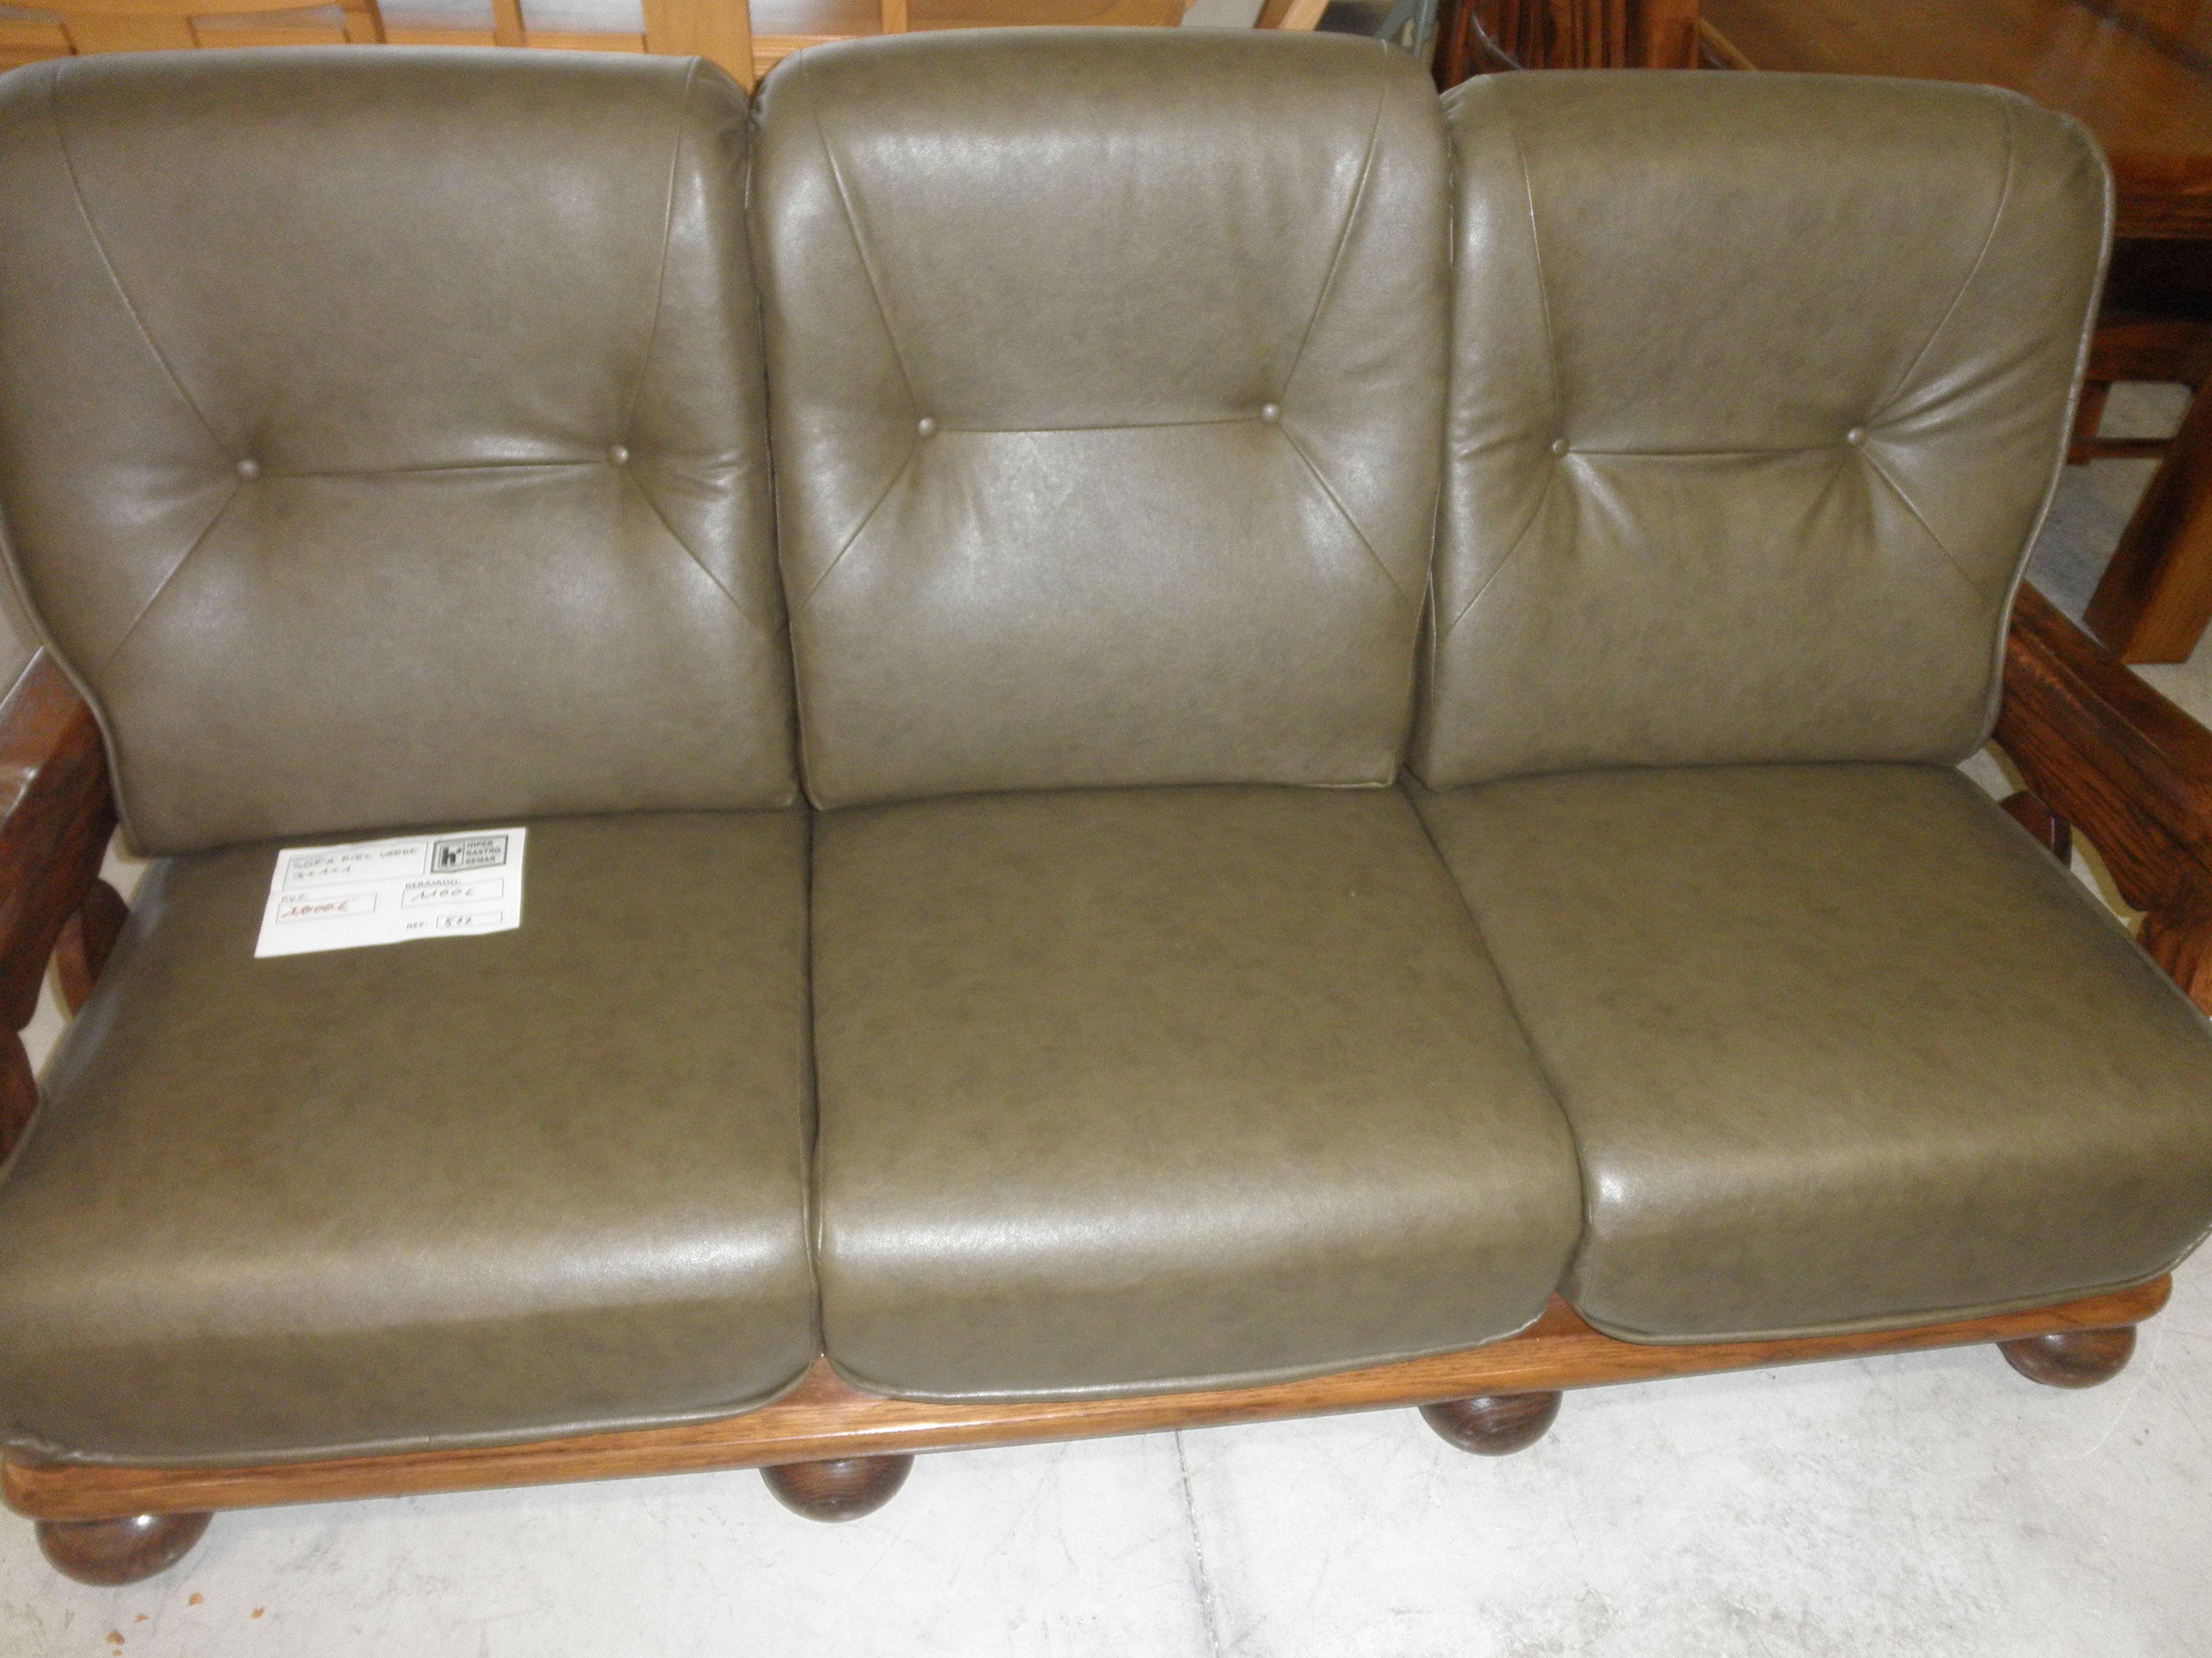 Tresillos y sofas piel color verde hiperrrastro remar for Sofas y tresillos